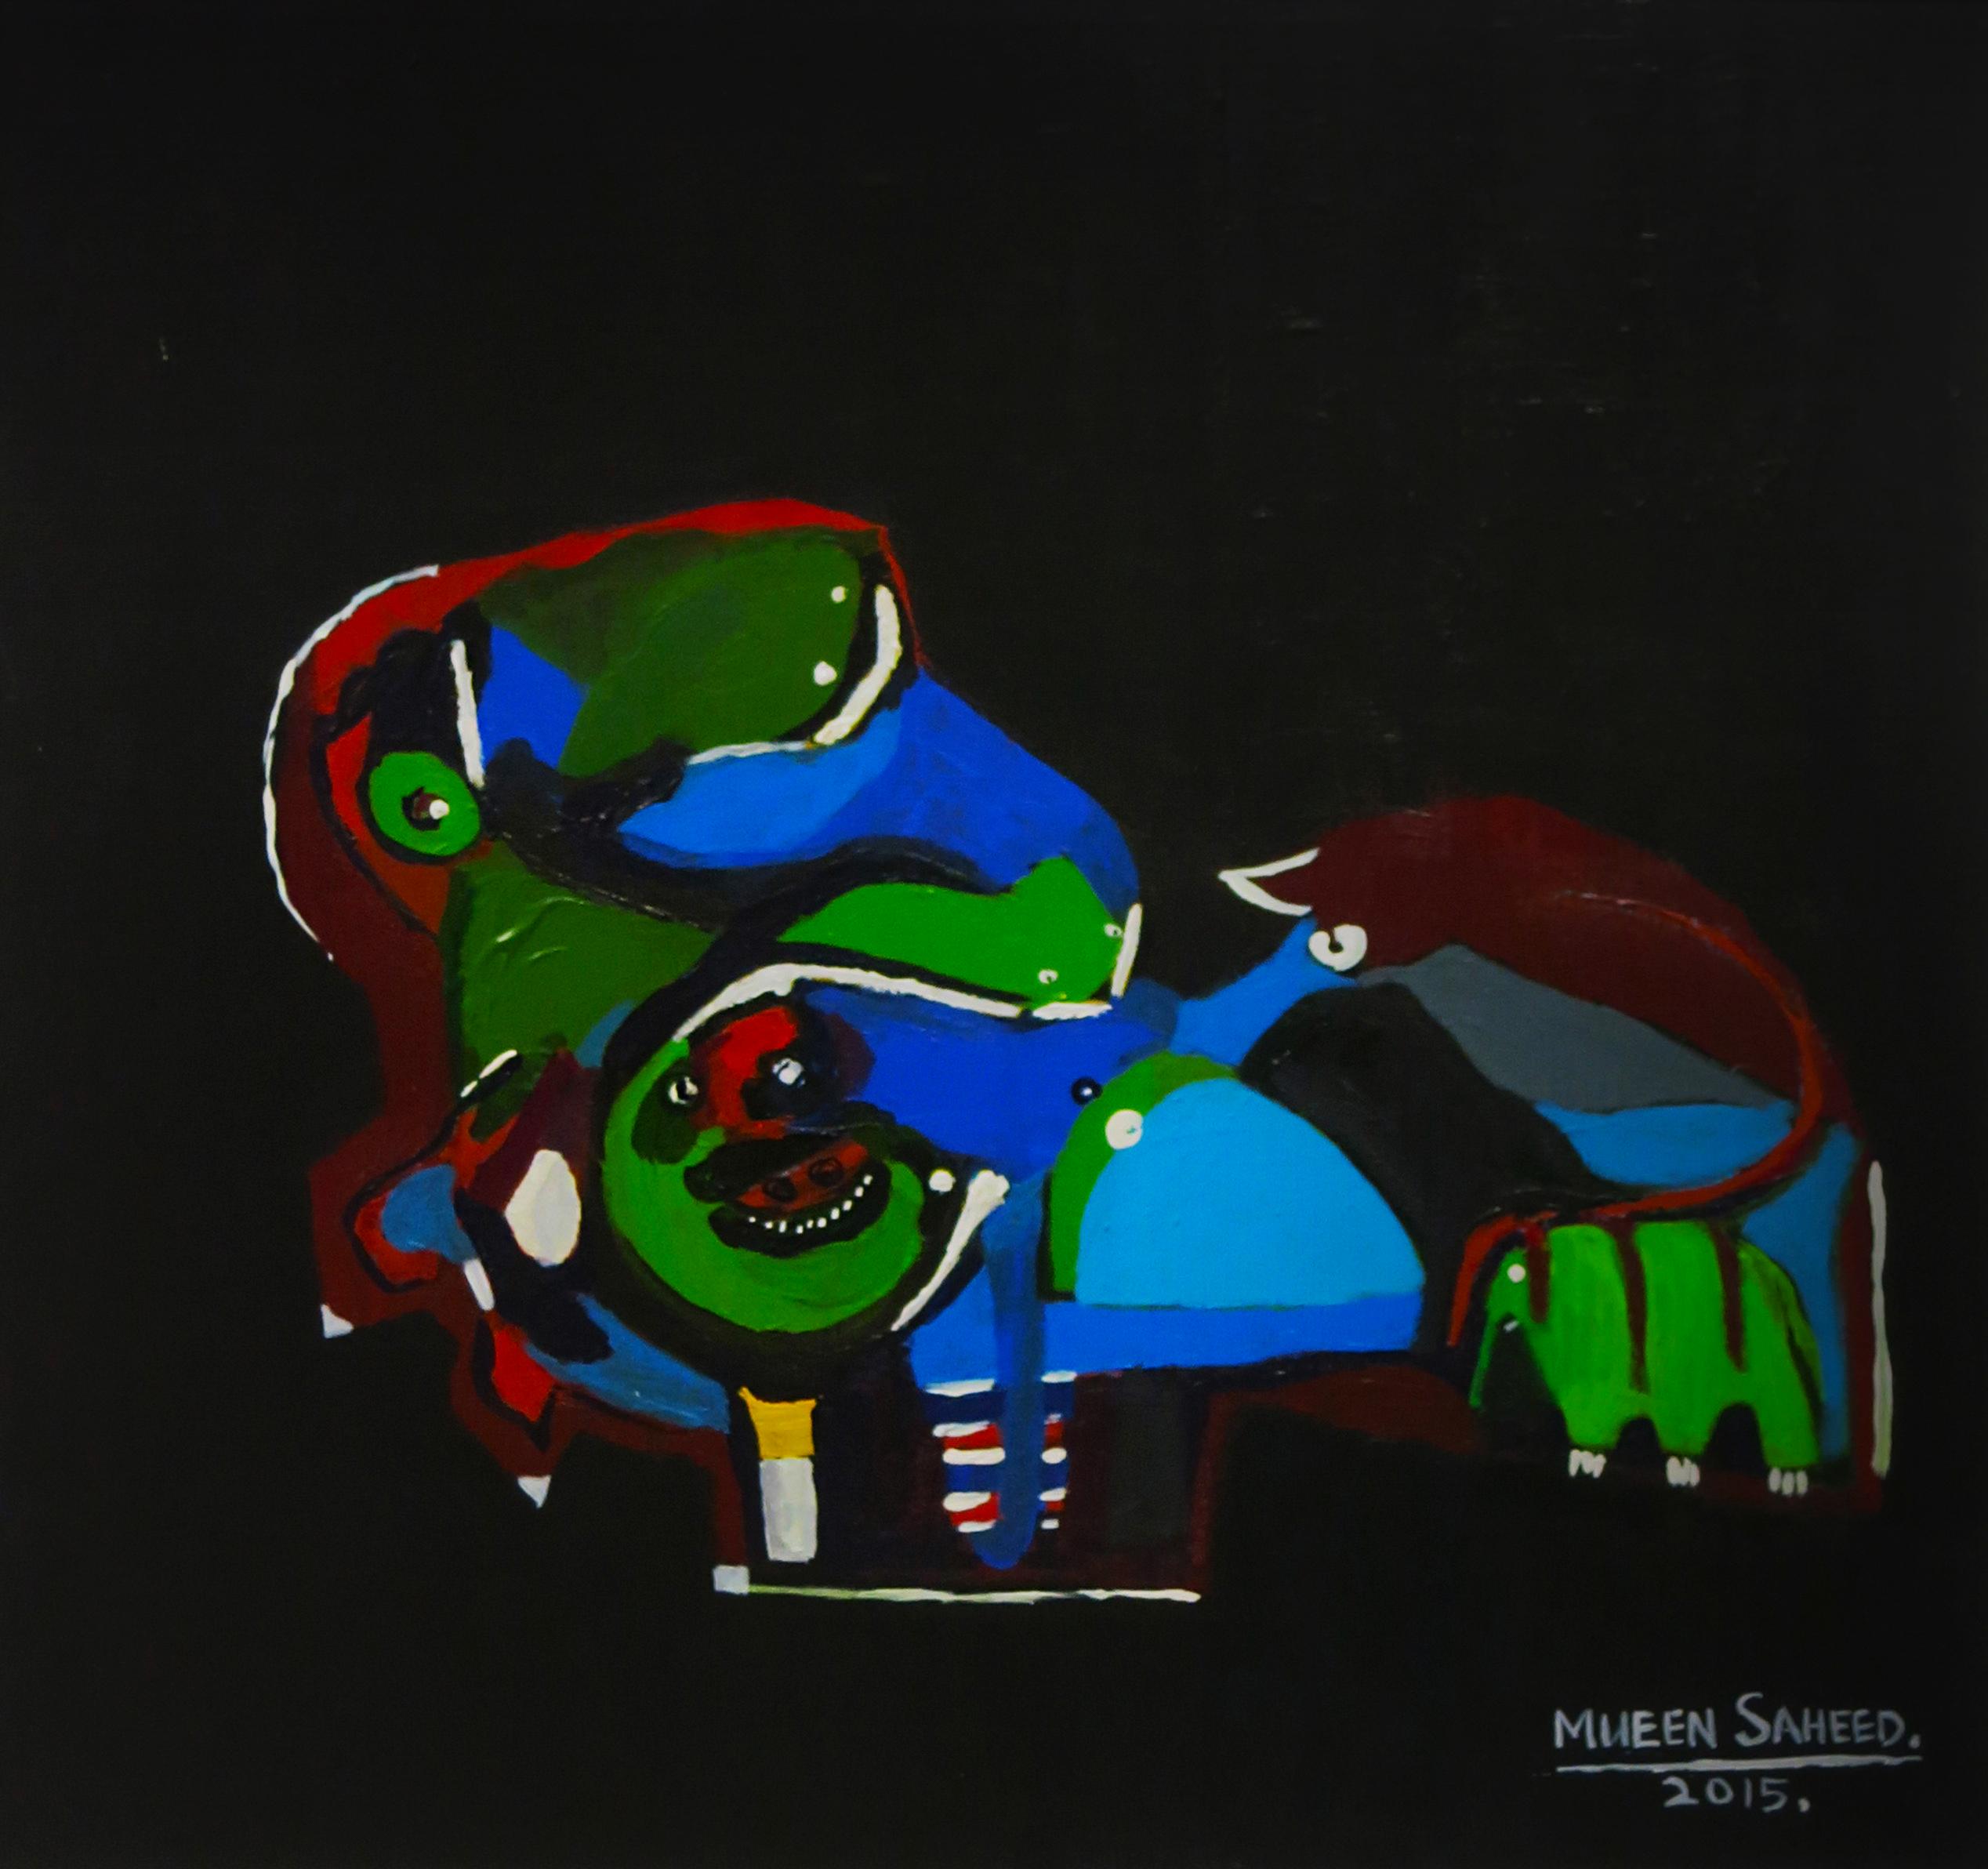 Mueen Saheed | Abstract Artist  |Con